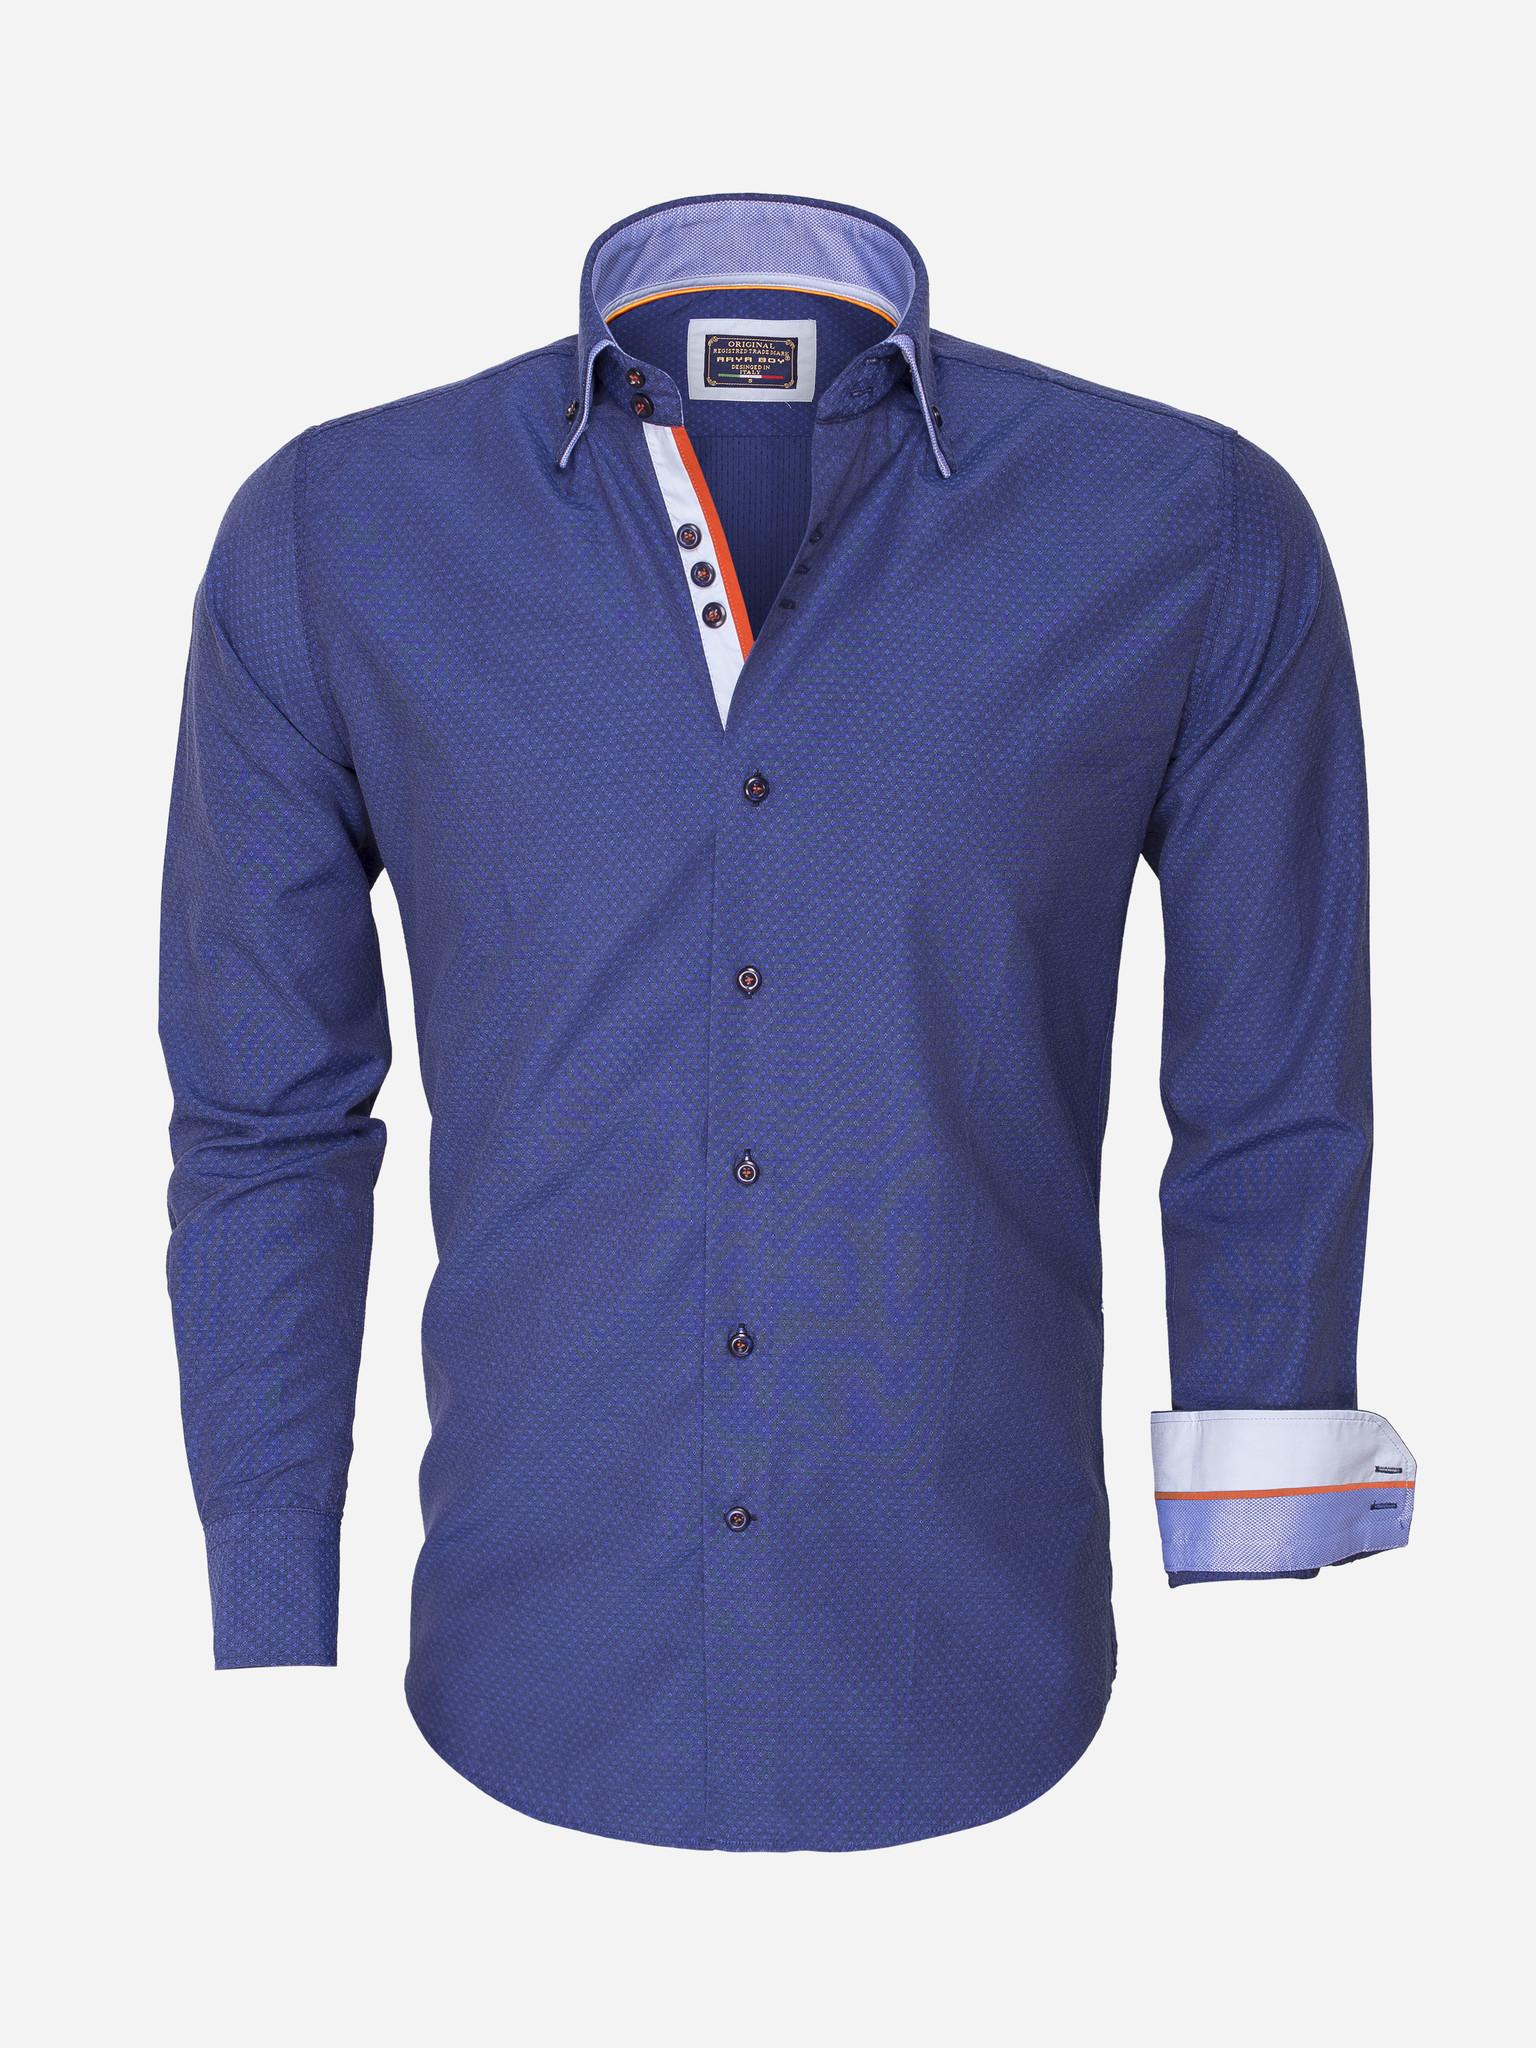 Arya Boy Overhemd Lange Mouw 852 Maat: L